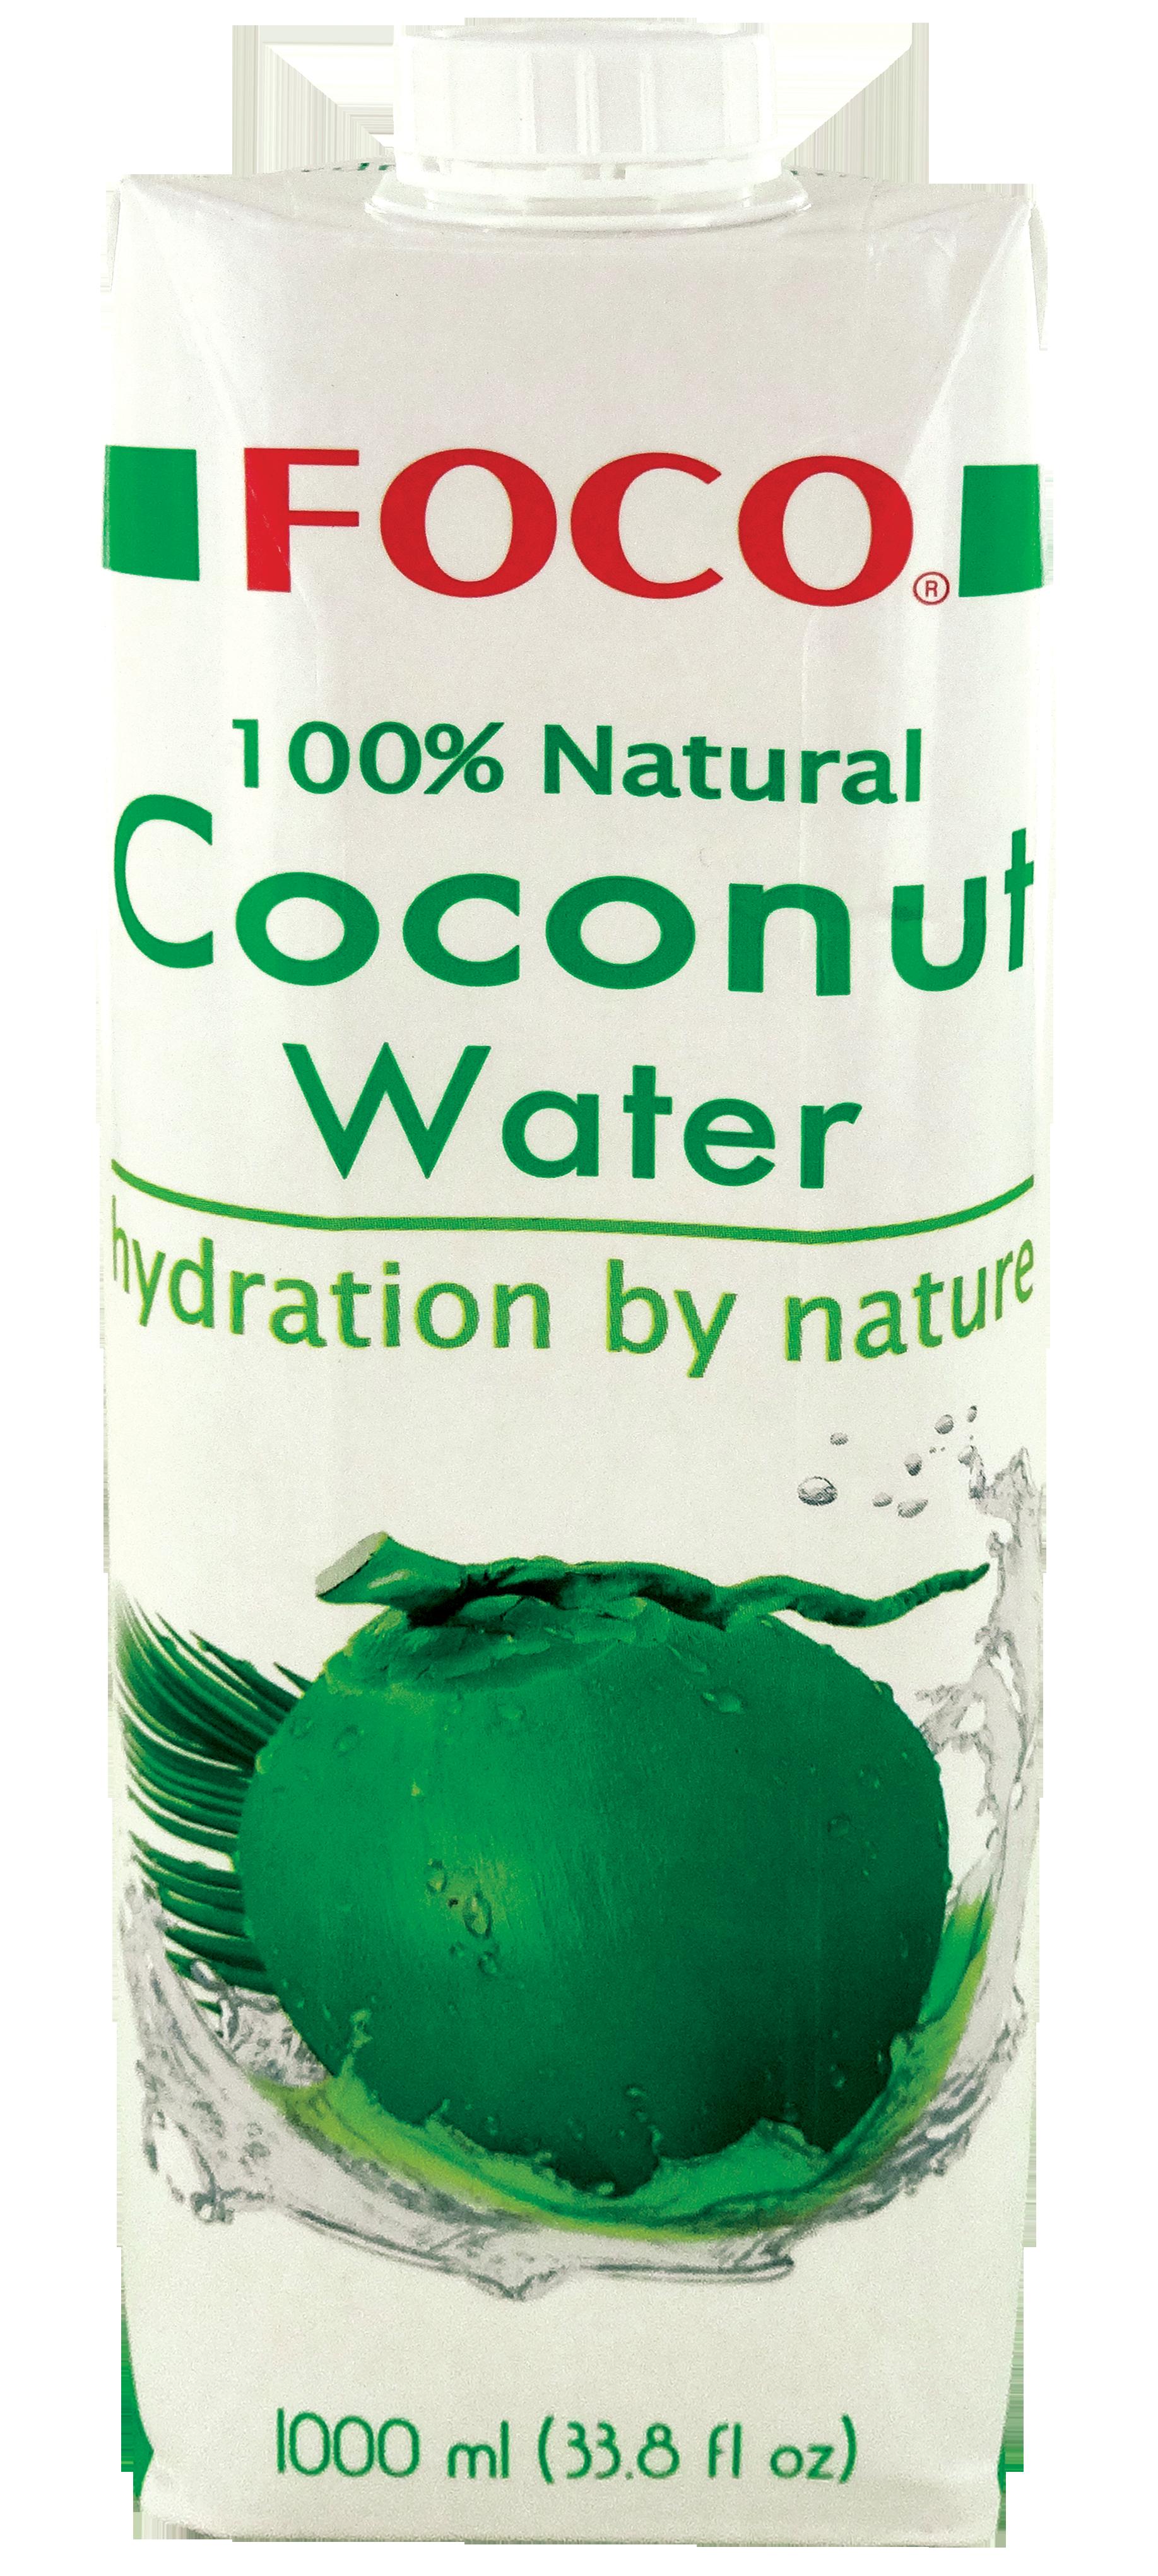 Eau de coco, Foco (1 L)